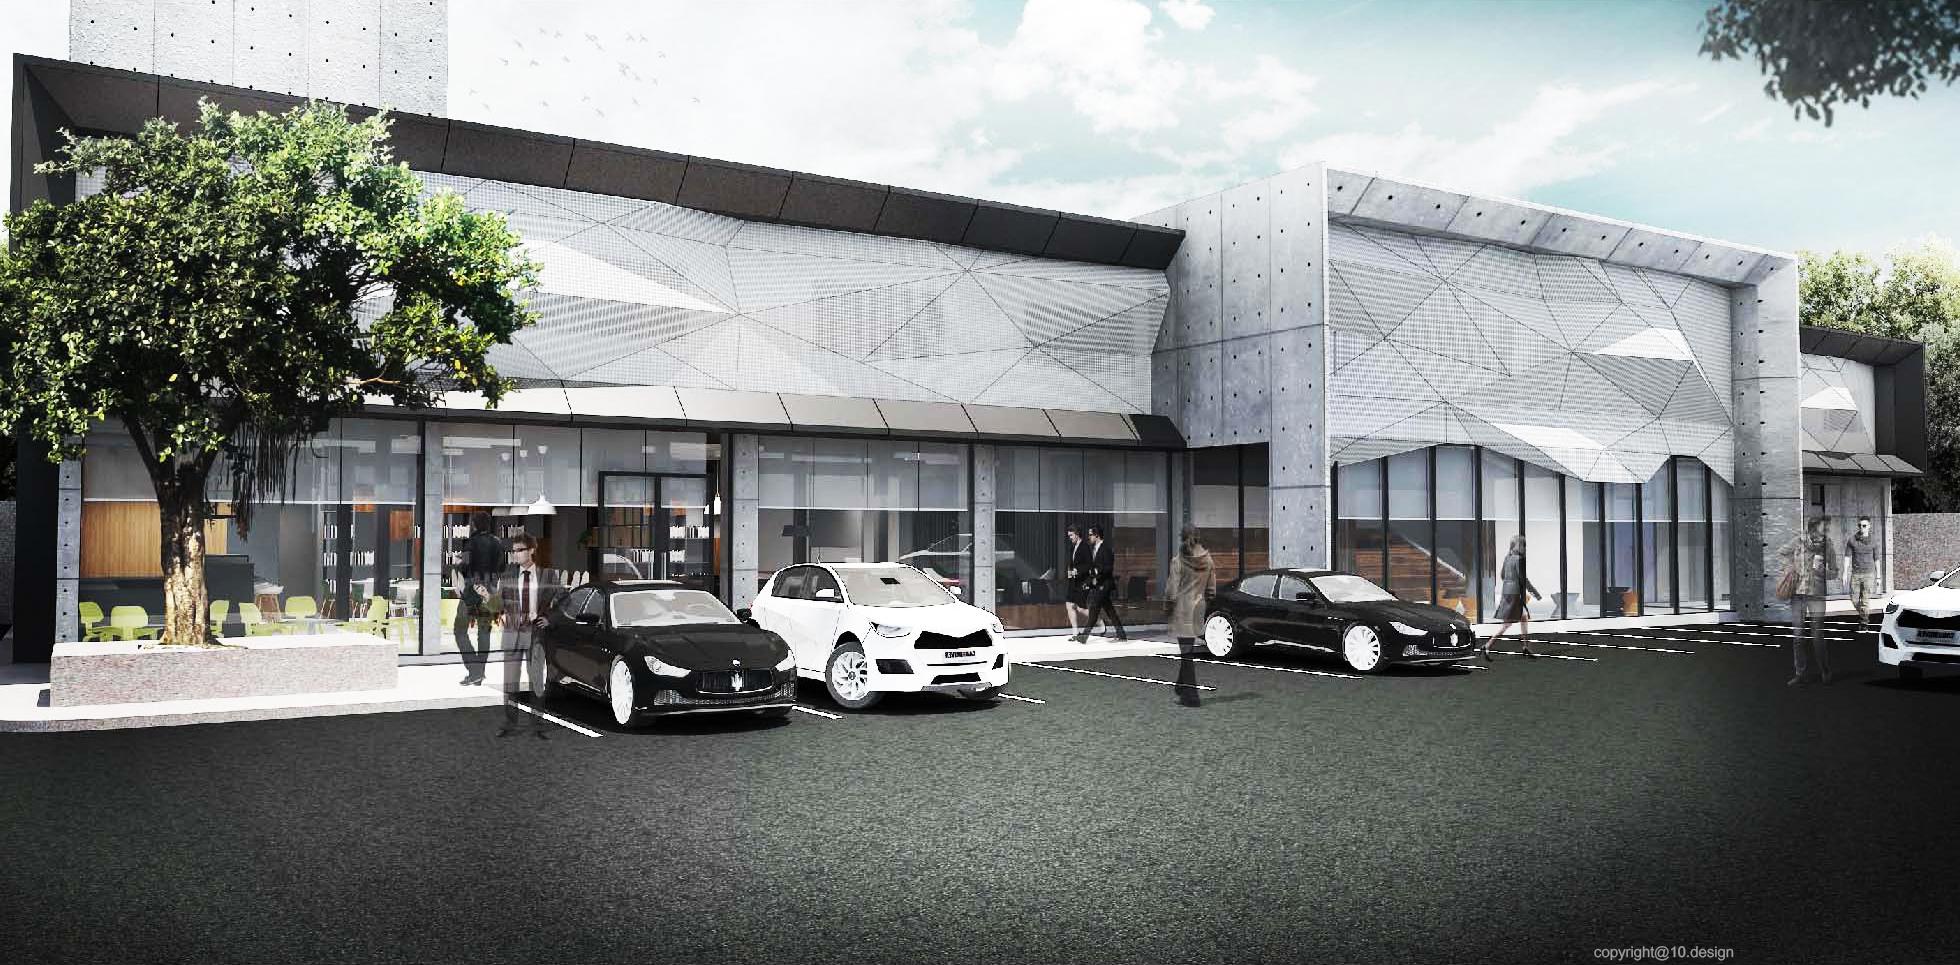 Chanwanich building renavation 10design architecture skin facade concrete scheme 03